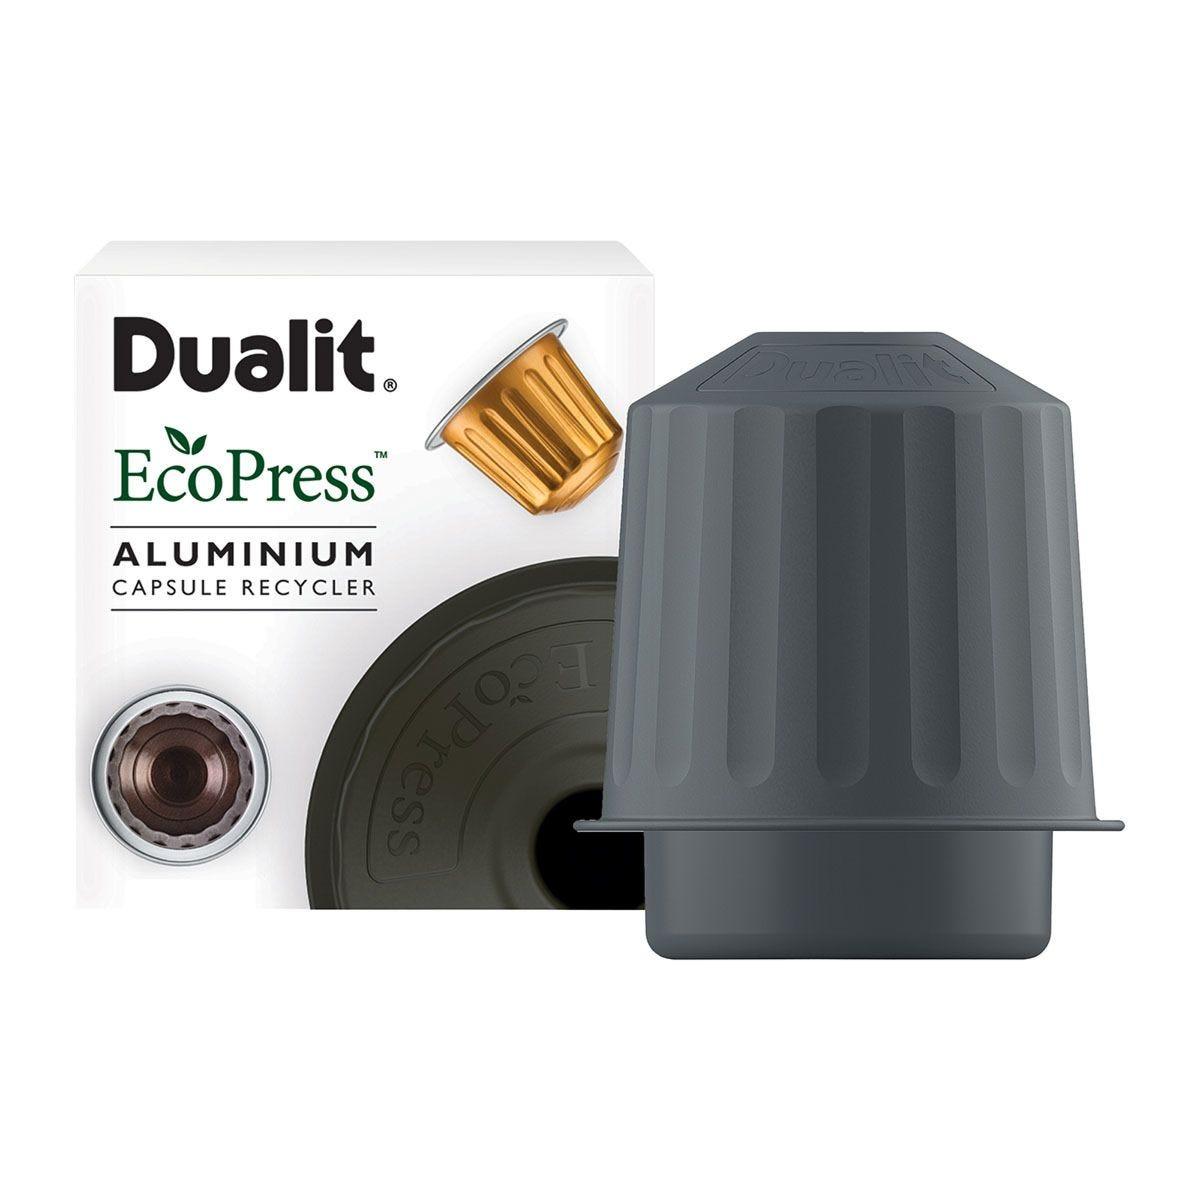 Dualit DA8511 Ecopress Aluminium Capsule Recycler – Aluminium